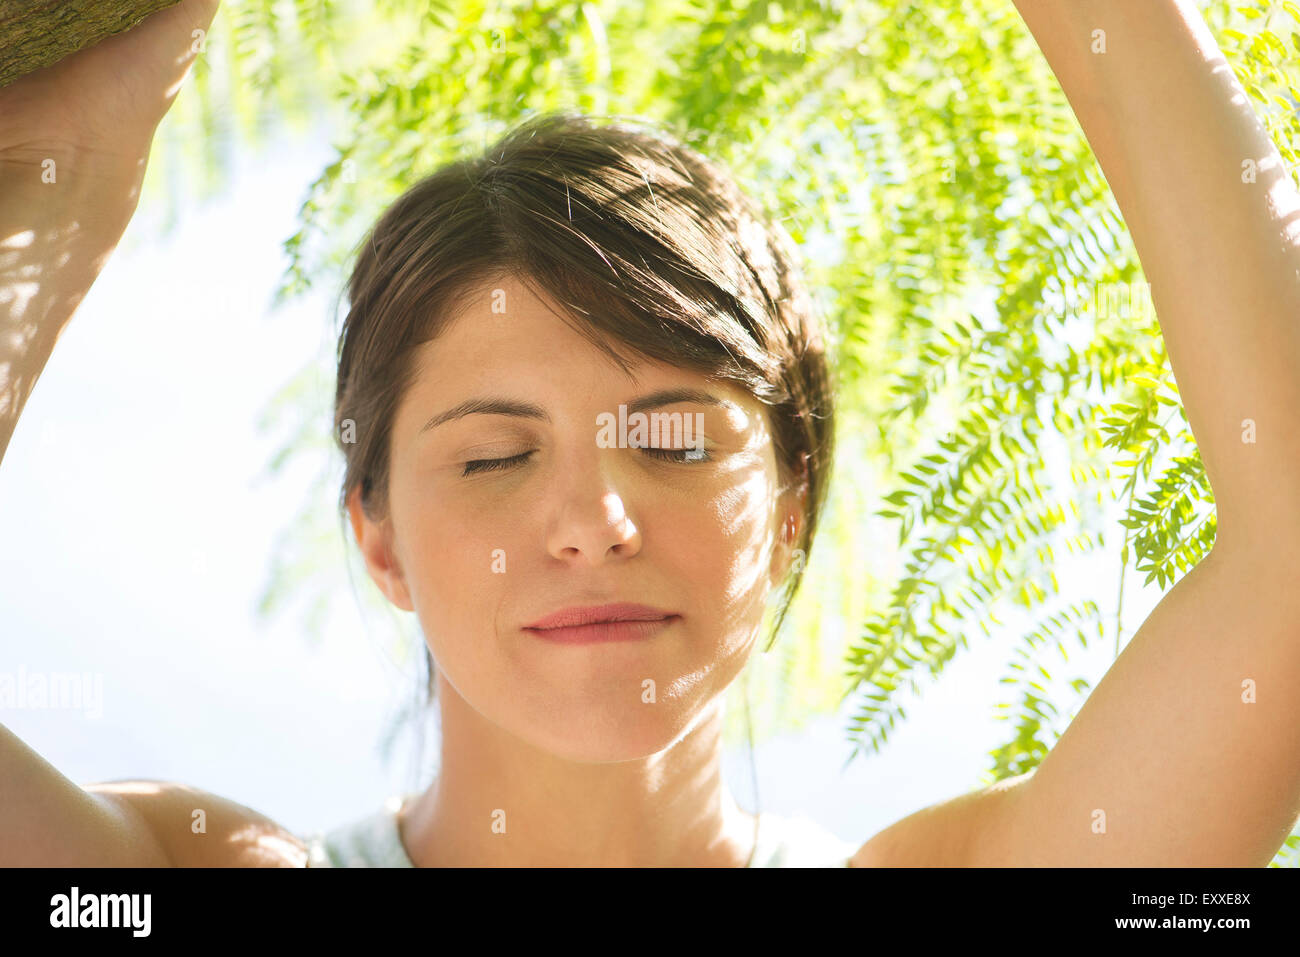 Mujer sombreadas por el follaje, los ojos cerrados, Retrato Imagen De Stock